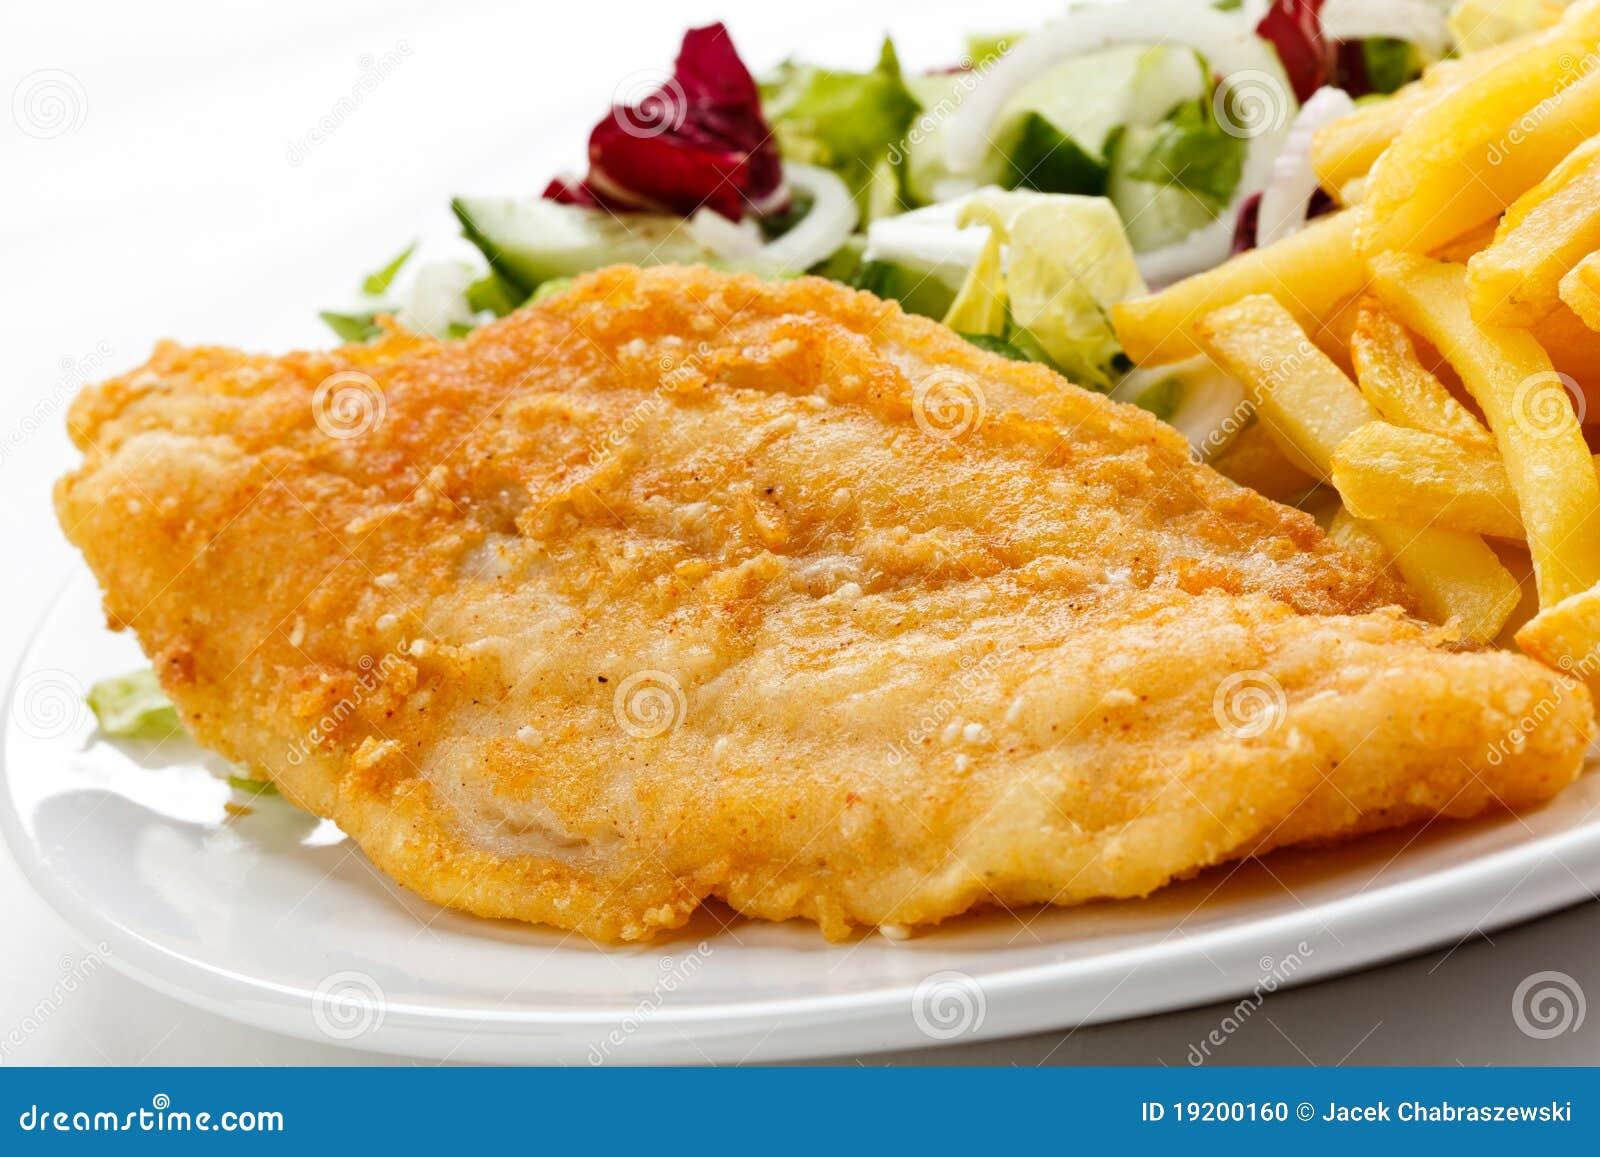 Fried fish fillet